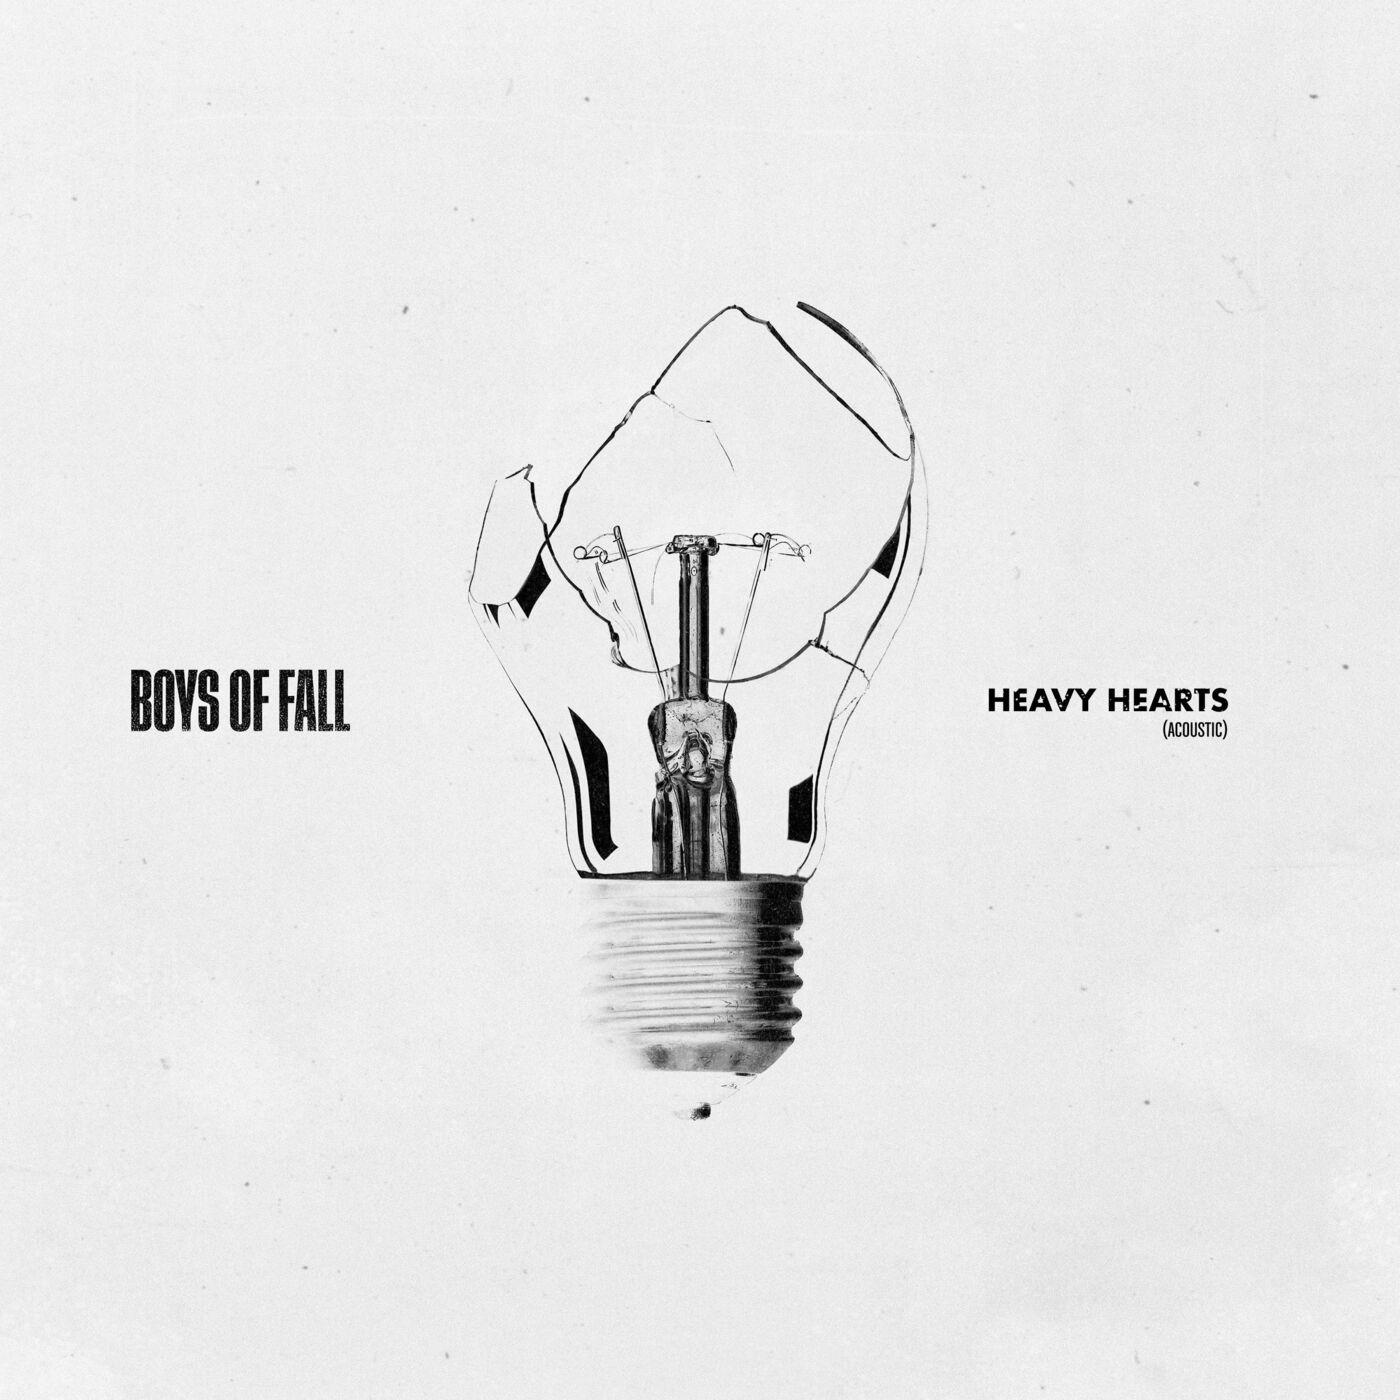 Boys of Fall - Heavy Hearts (Acoustic) [single] (2021)